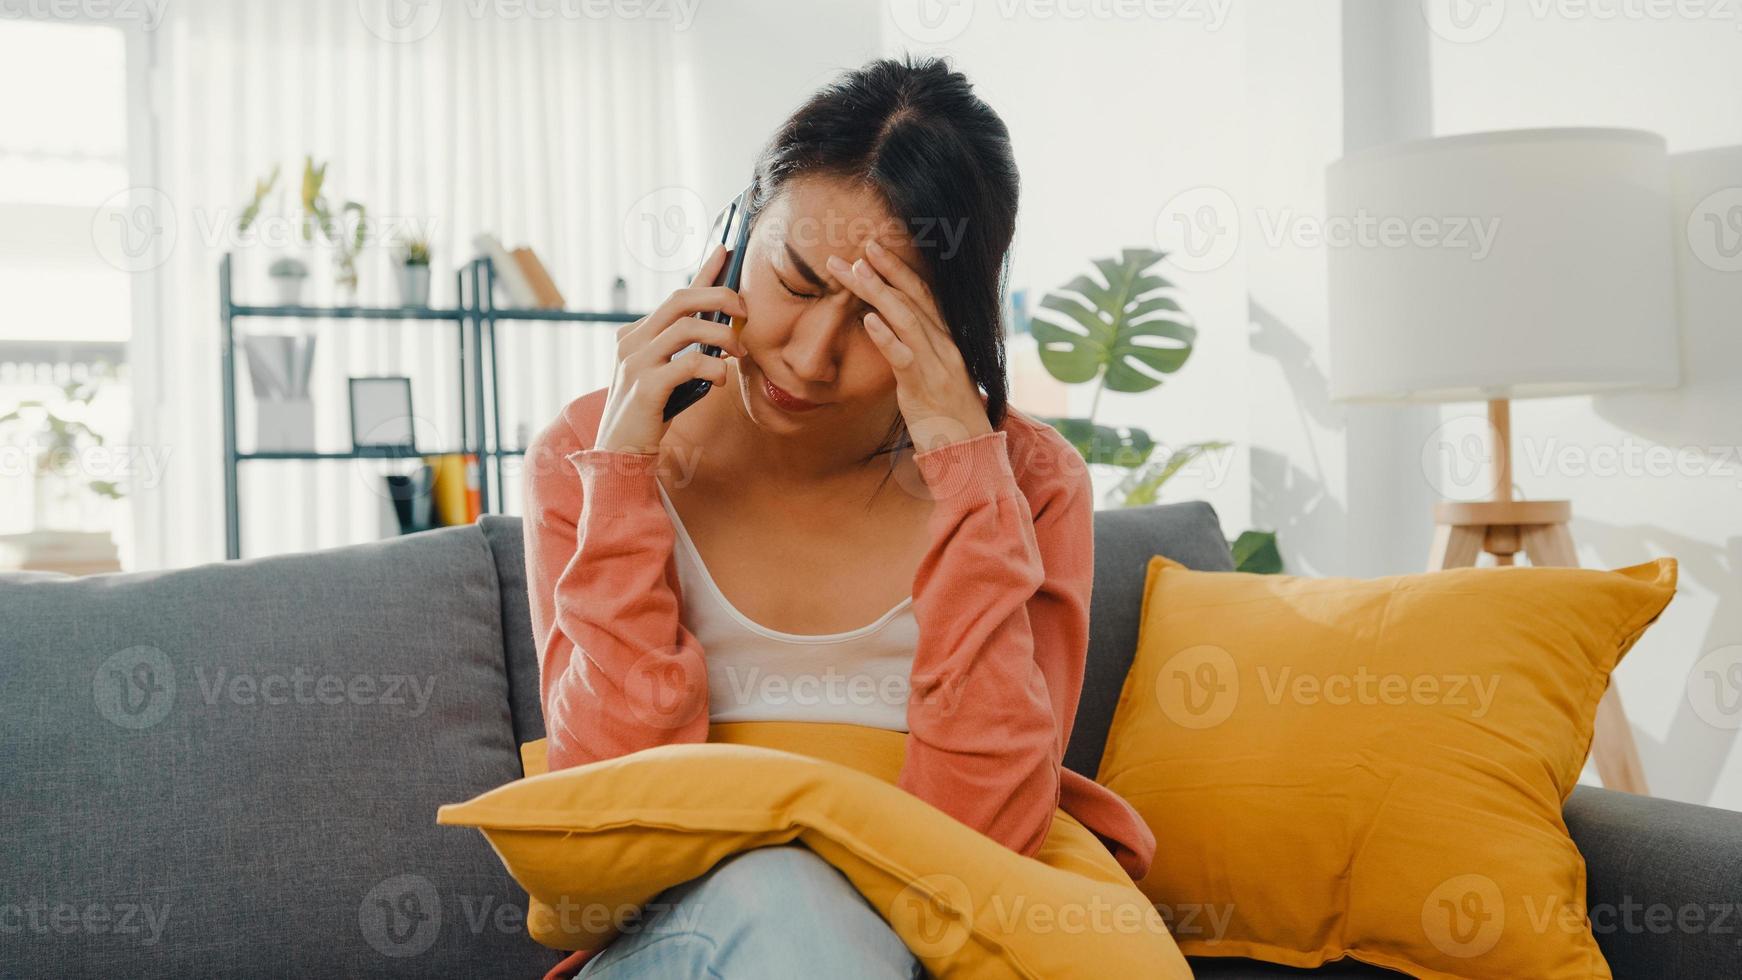 jovem sentada no sofá conversa com um amigo e recebe más notícias em casa. relacionamento de longa distância, relacionamento ruim, problema de trabalho, relacionamento rompido, manter distância, conceito de quarentena cobiçado. foto